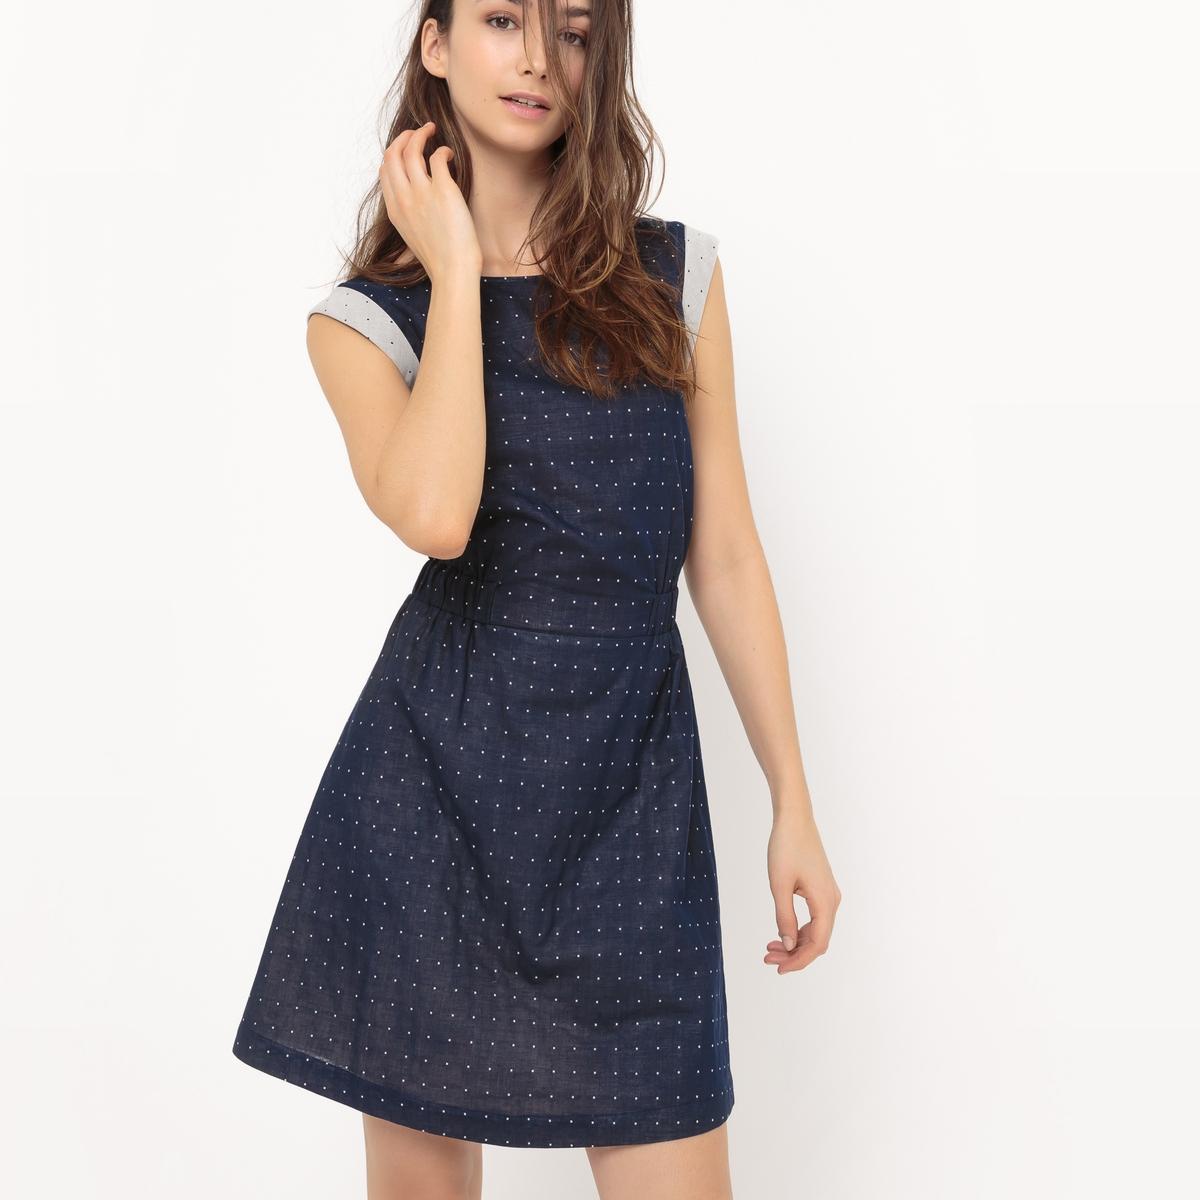 Платье расклешенное, с бантиком сзадиМатериал : 100% хлопка.       Длина рукава : Короткие рукава       Форма воротника : круглый вырез      Покрой платья : расклешенное платье      Рисунок : Однотонная модель       Особенность платья : с бантом      Длина платья : до колен<br><br>Цвет: синий индиго<br>Размер: 46 (FR) - 52 (RUS).44 (FR) - 50 (RUS)